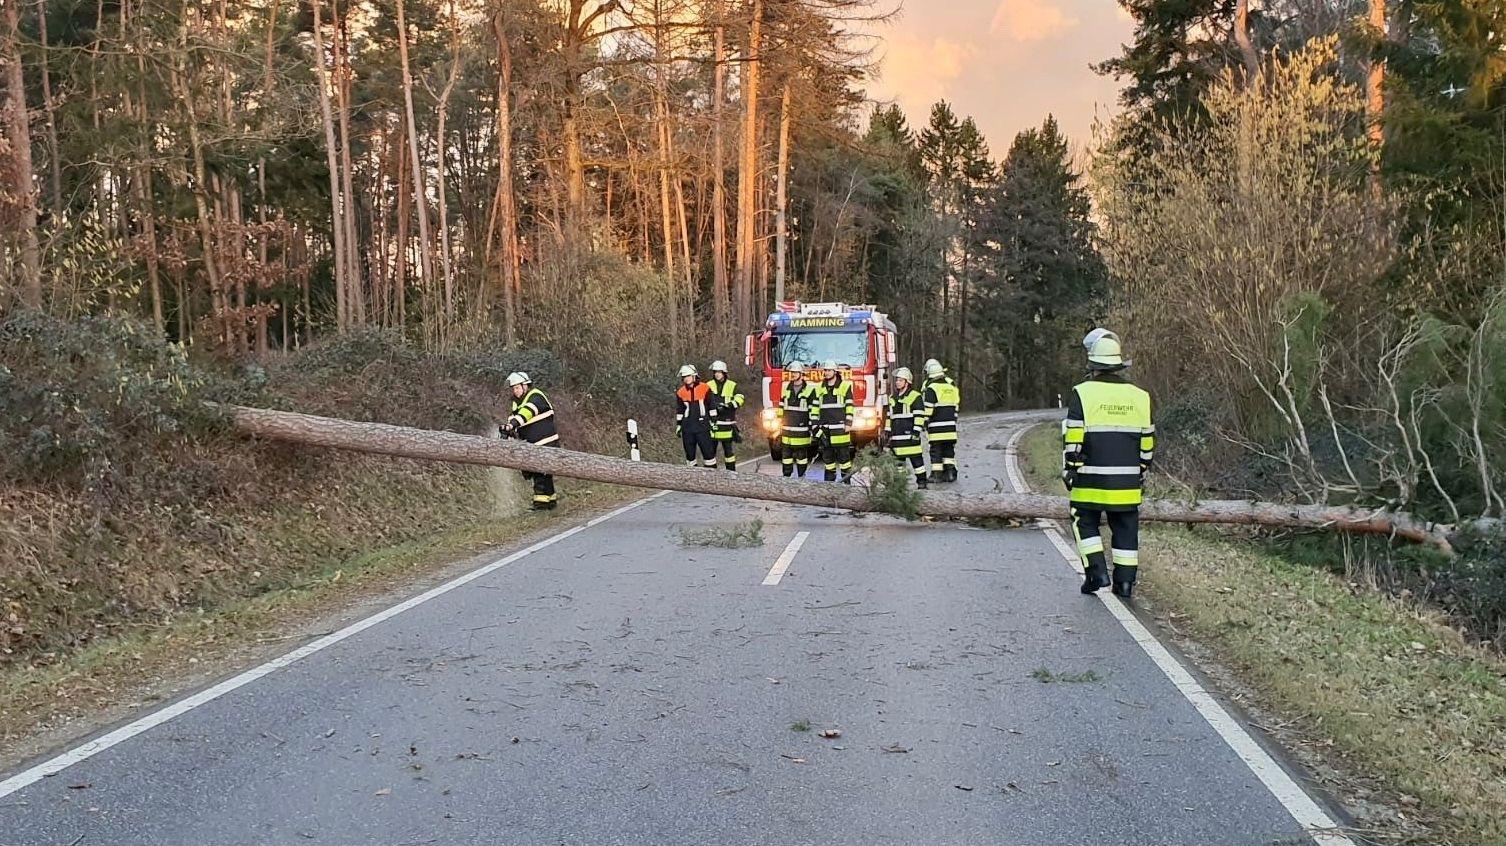 Erste umgestürzte Bäume auf einer Straße bei Mamming (Lkr. Dingolfing-Landau)